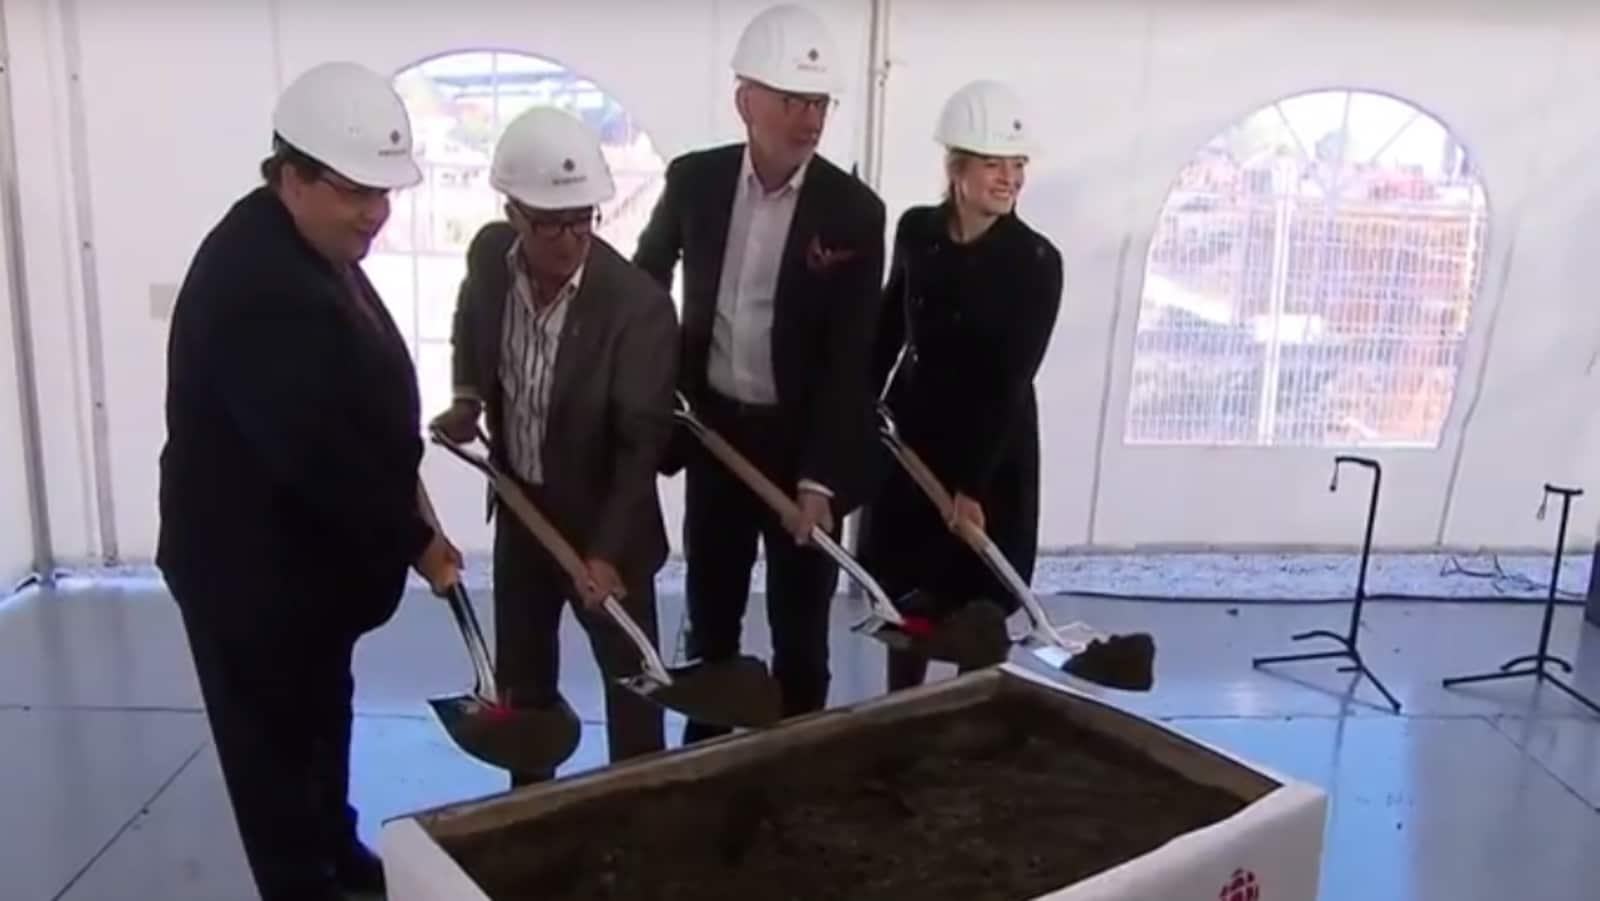 Le maire de Montréal Denis Coderre, le président de Broccolini Roger Plamondon, le PDG de Radio-Canada Hubert Lacroix et la ministre du Patrimoine Mélanie Joly effectuent une pelletée de terre symbolique.